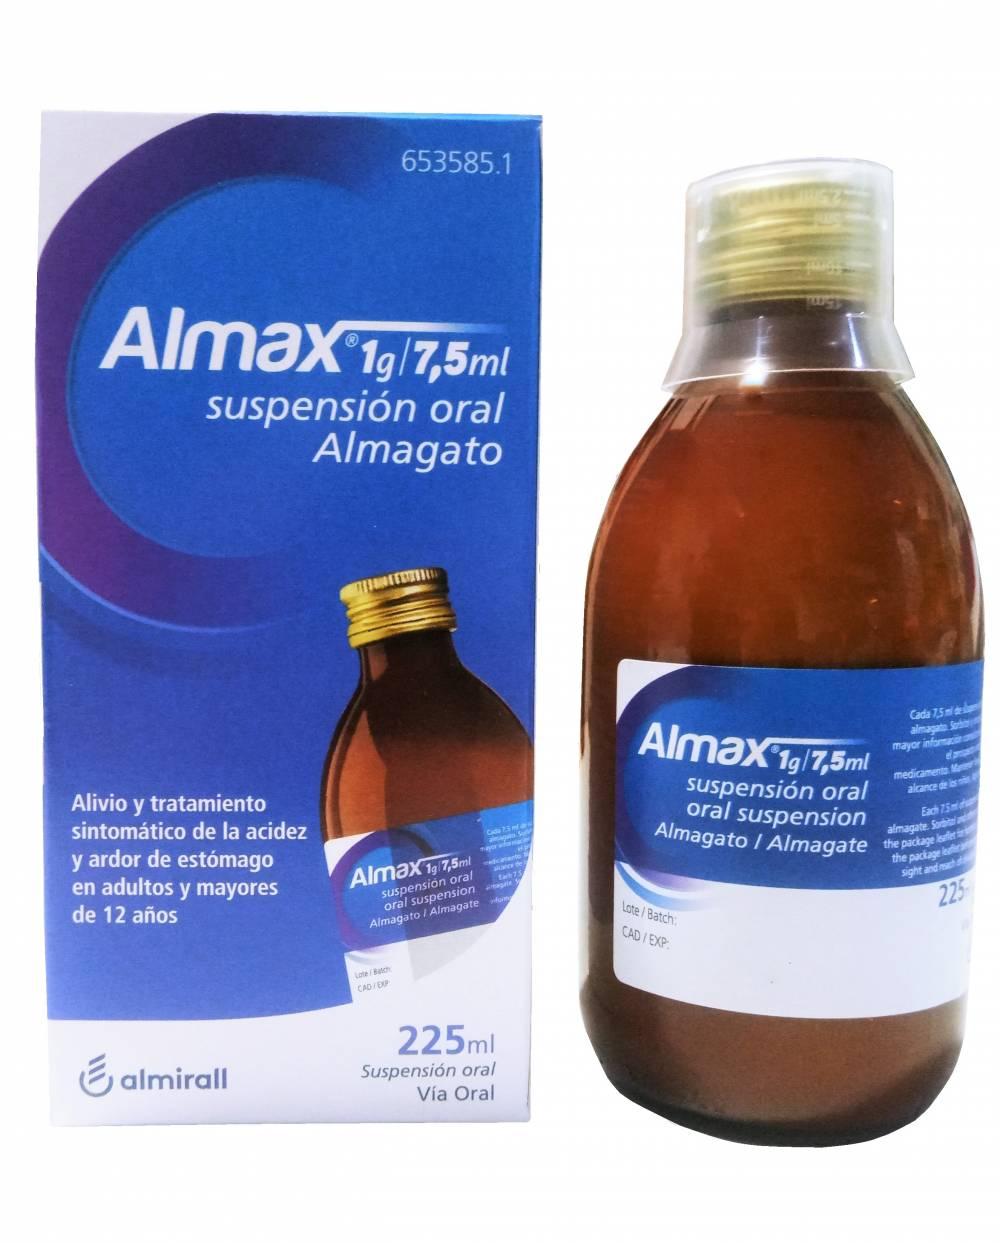 Almax - 1g/7.5 ml - 225 ml suspensión oral